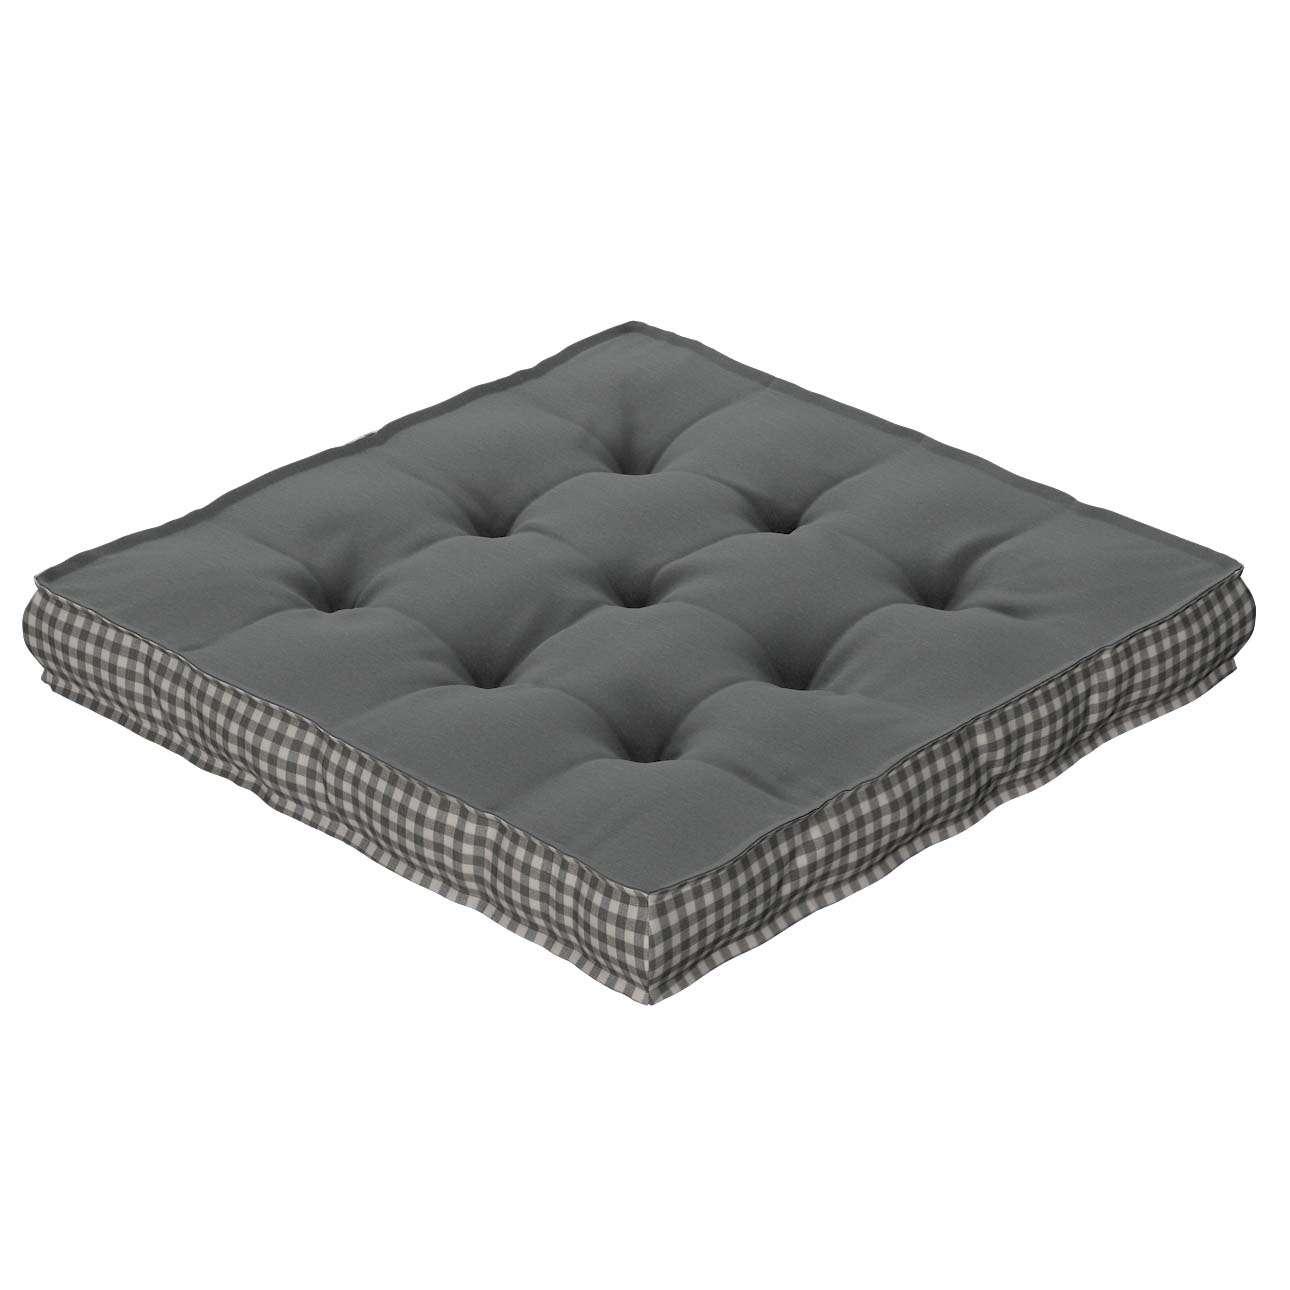 Sitzkissen Jacob mit Handgriff 40 x 40 x 6 cm von der Kollektion Quadro, Stoff: 136-14